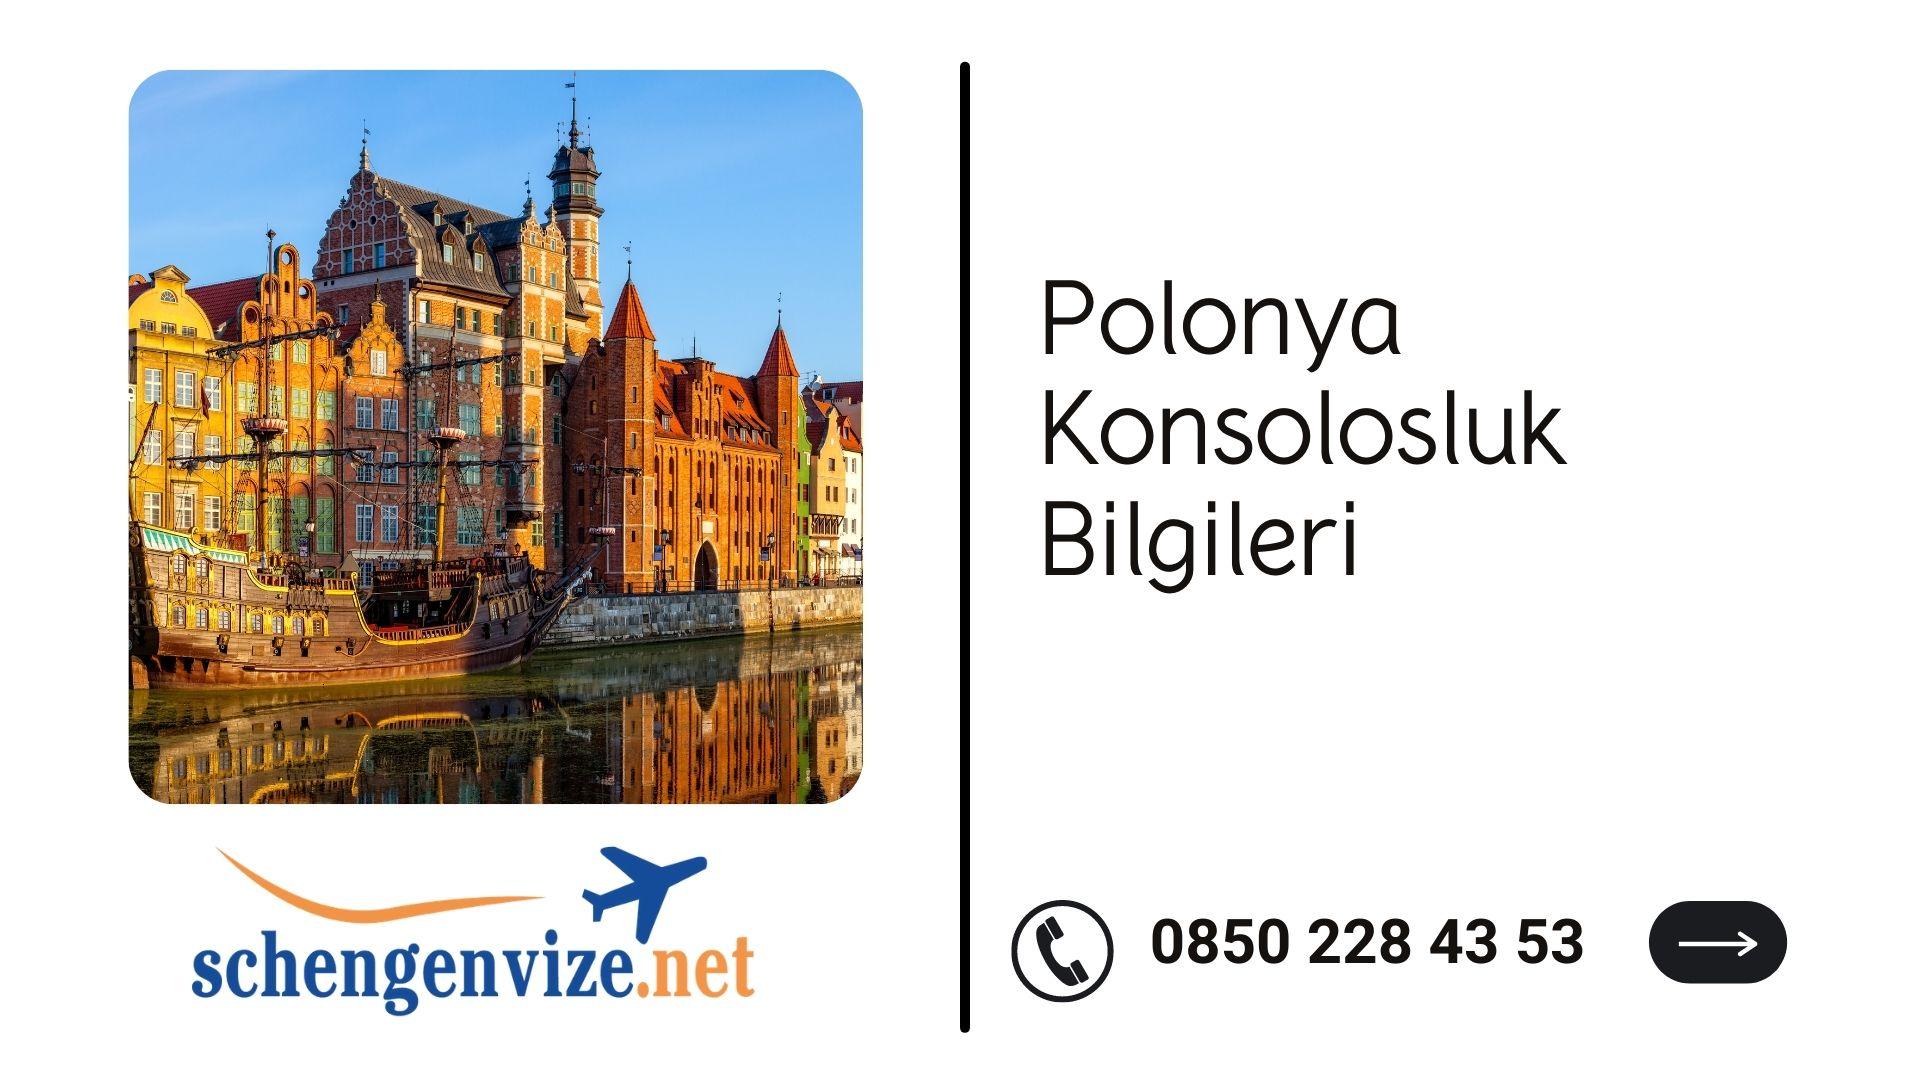 Polonya Konsolosluk Bilgileri